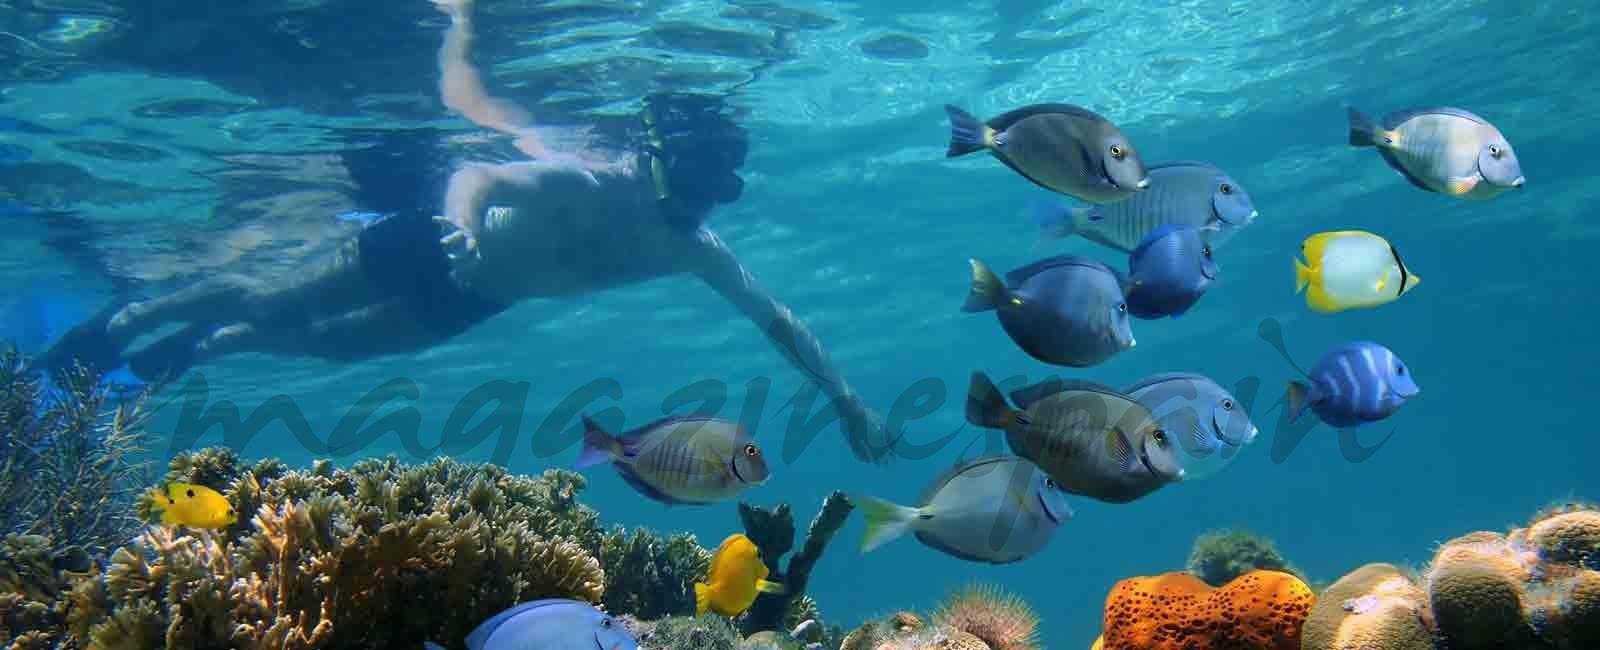 Siete experiencias para disfrutar del agua alrededor del mundo